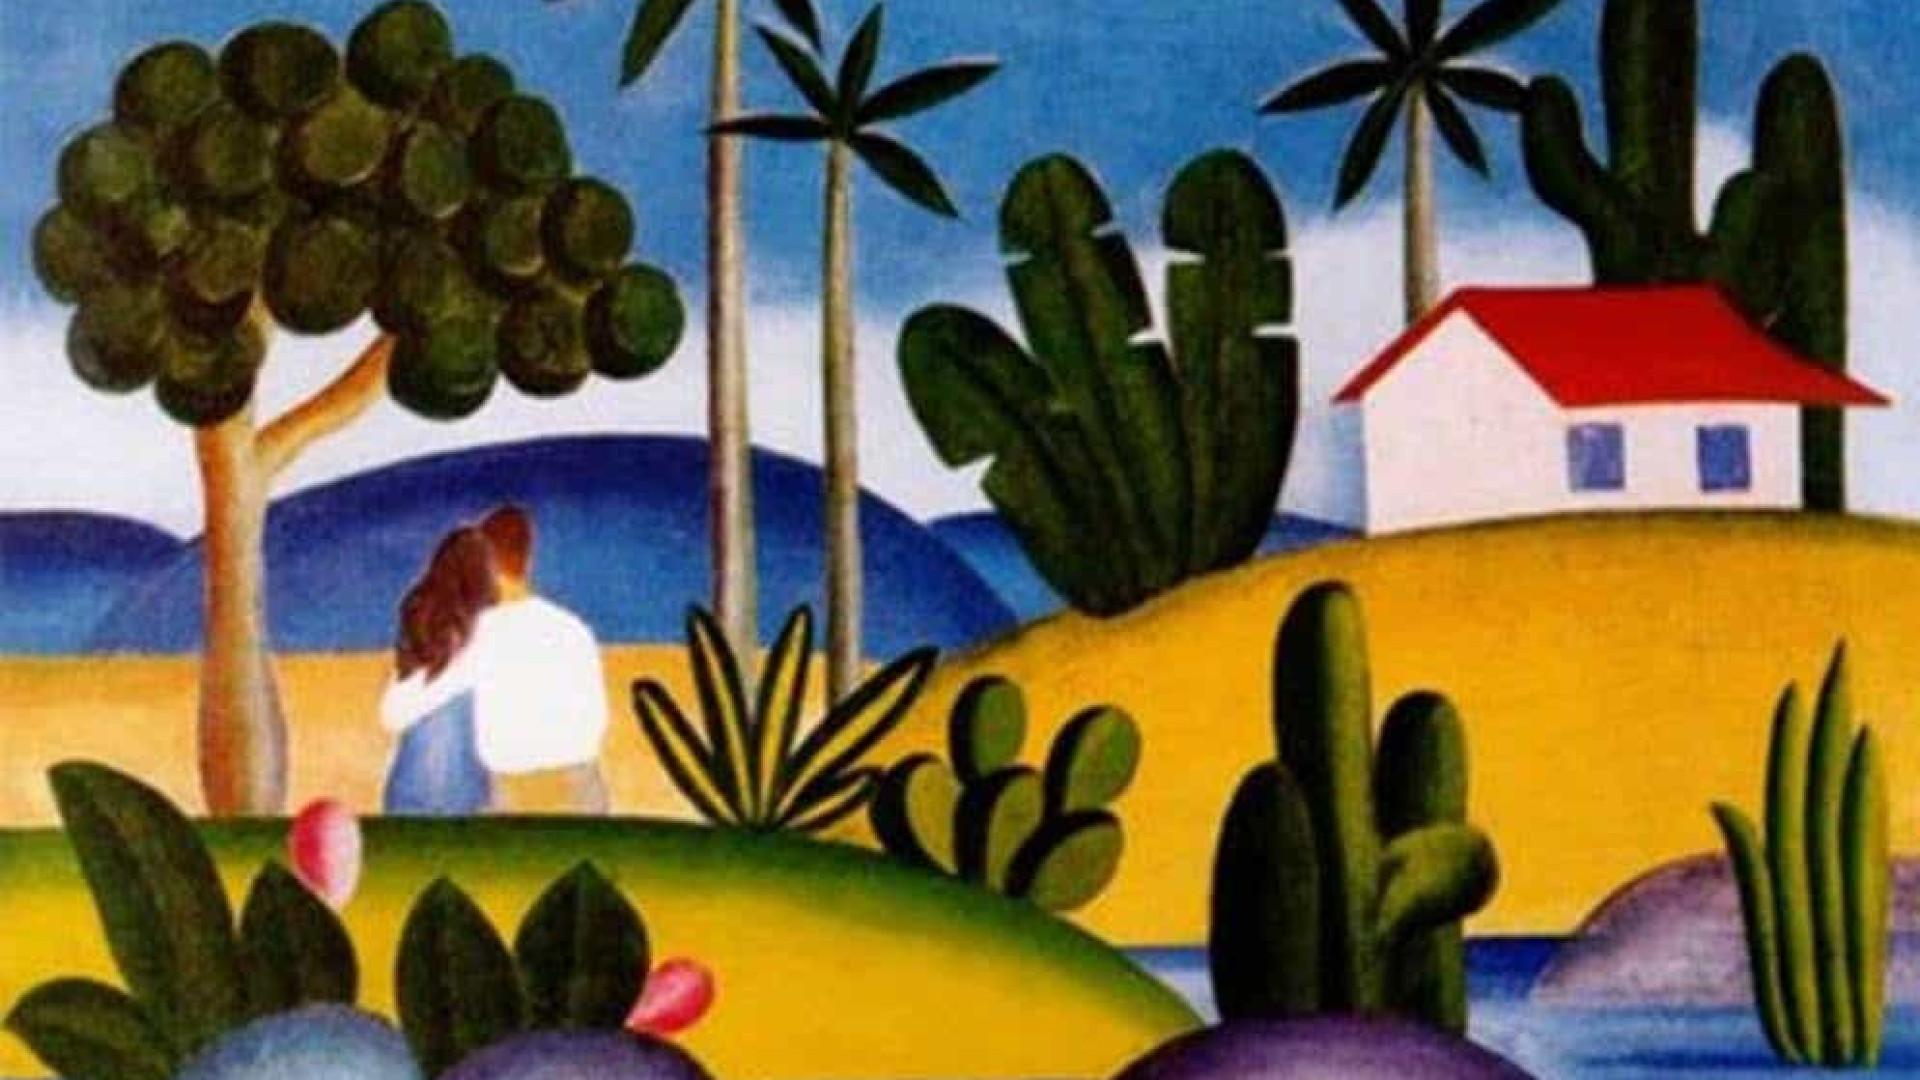 Quadro de Tarsila do Amaral estará à venda por US$ 7 milhões em feira virtual